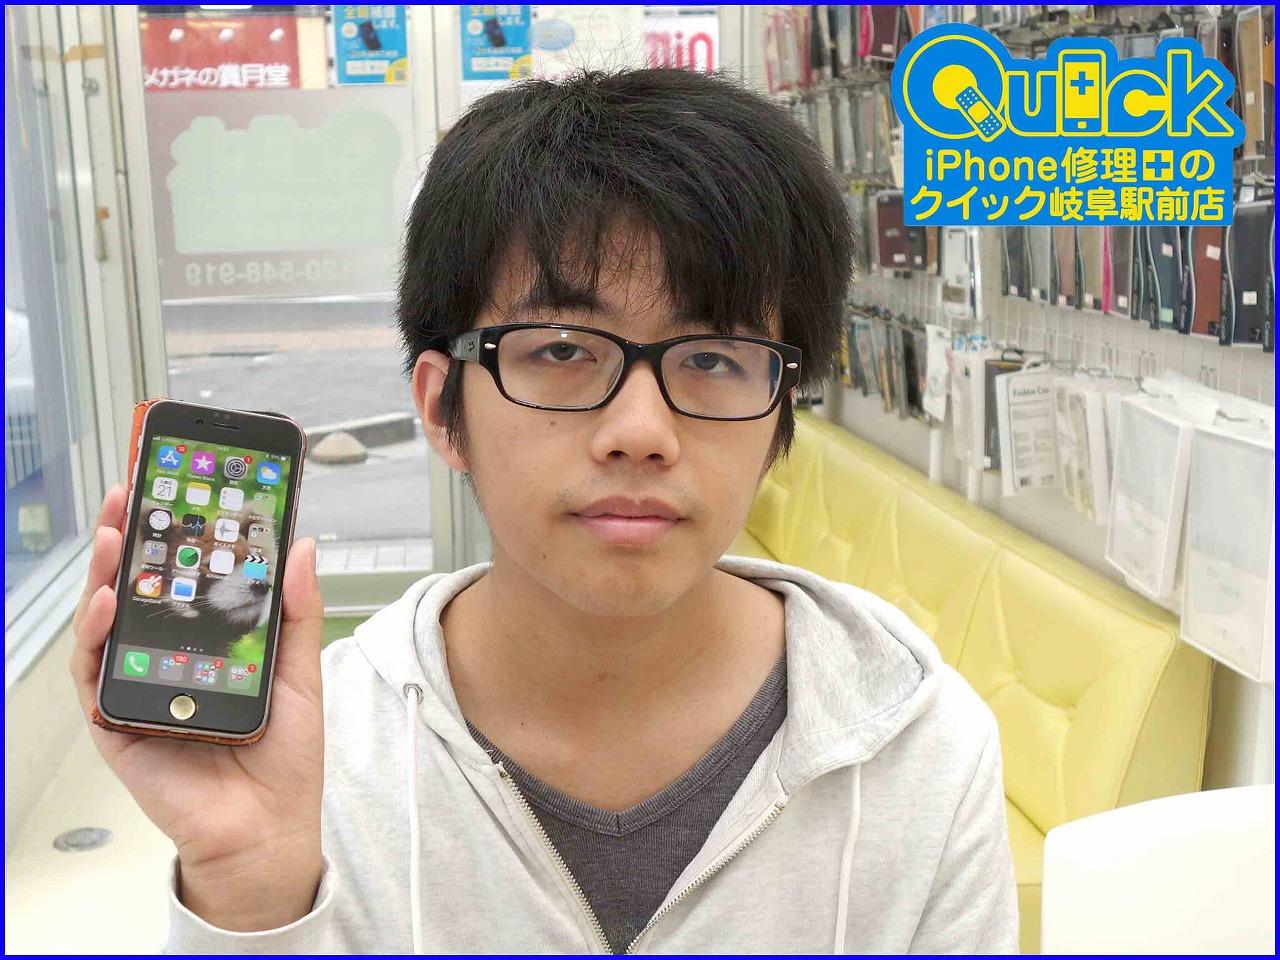 ☆iPhone6Sのバッテリー交換に岐阜市よりご来店!アイフォン修理のクイック岐阜